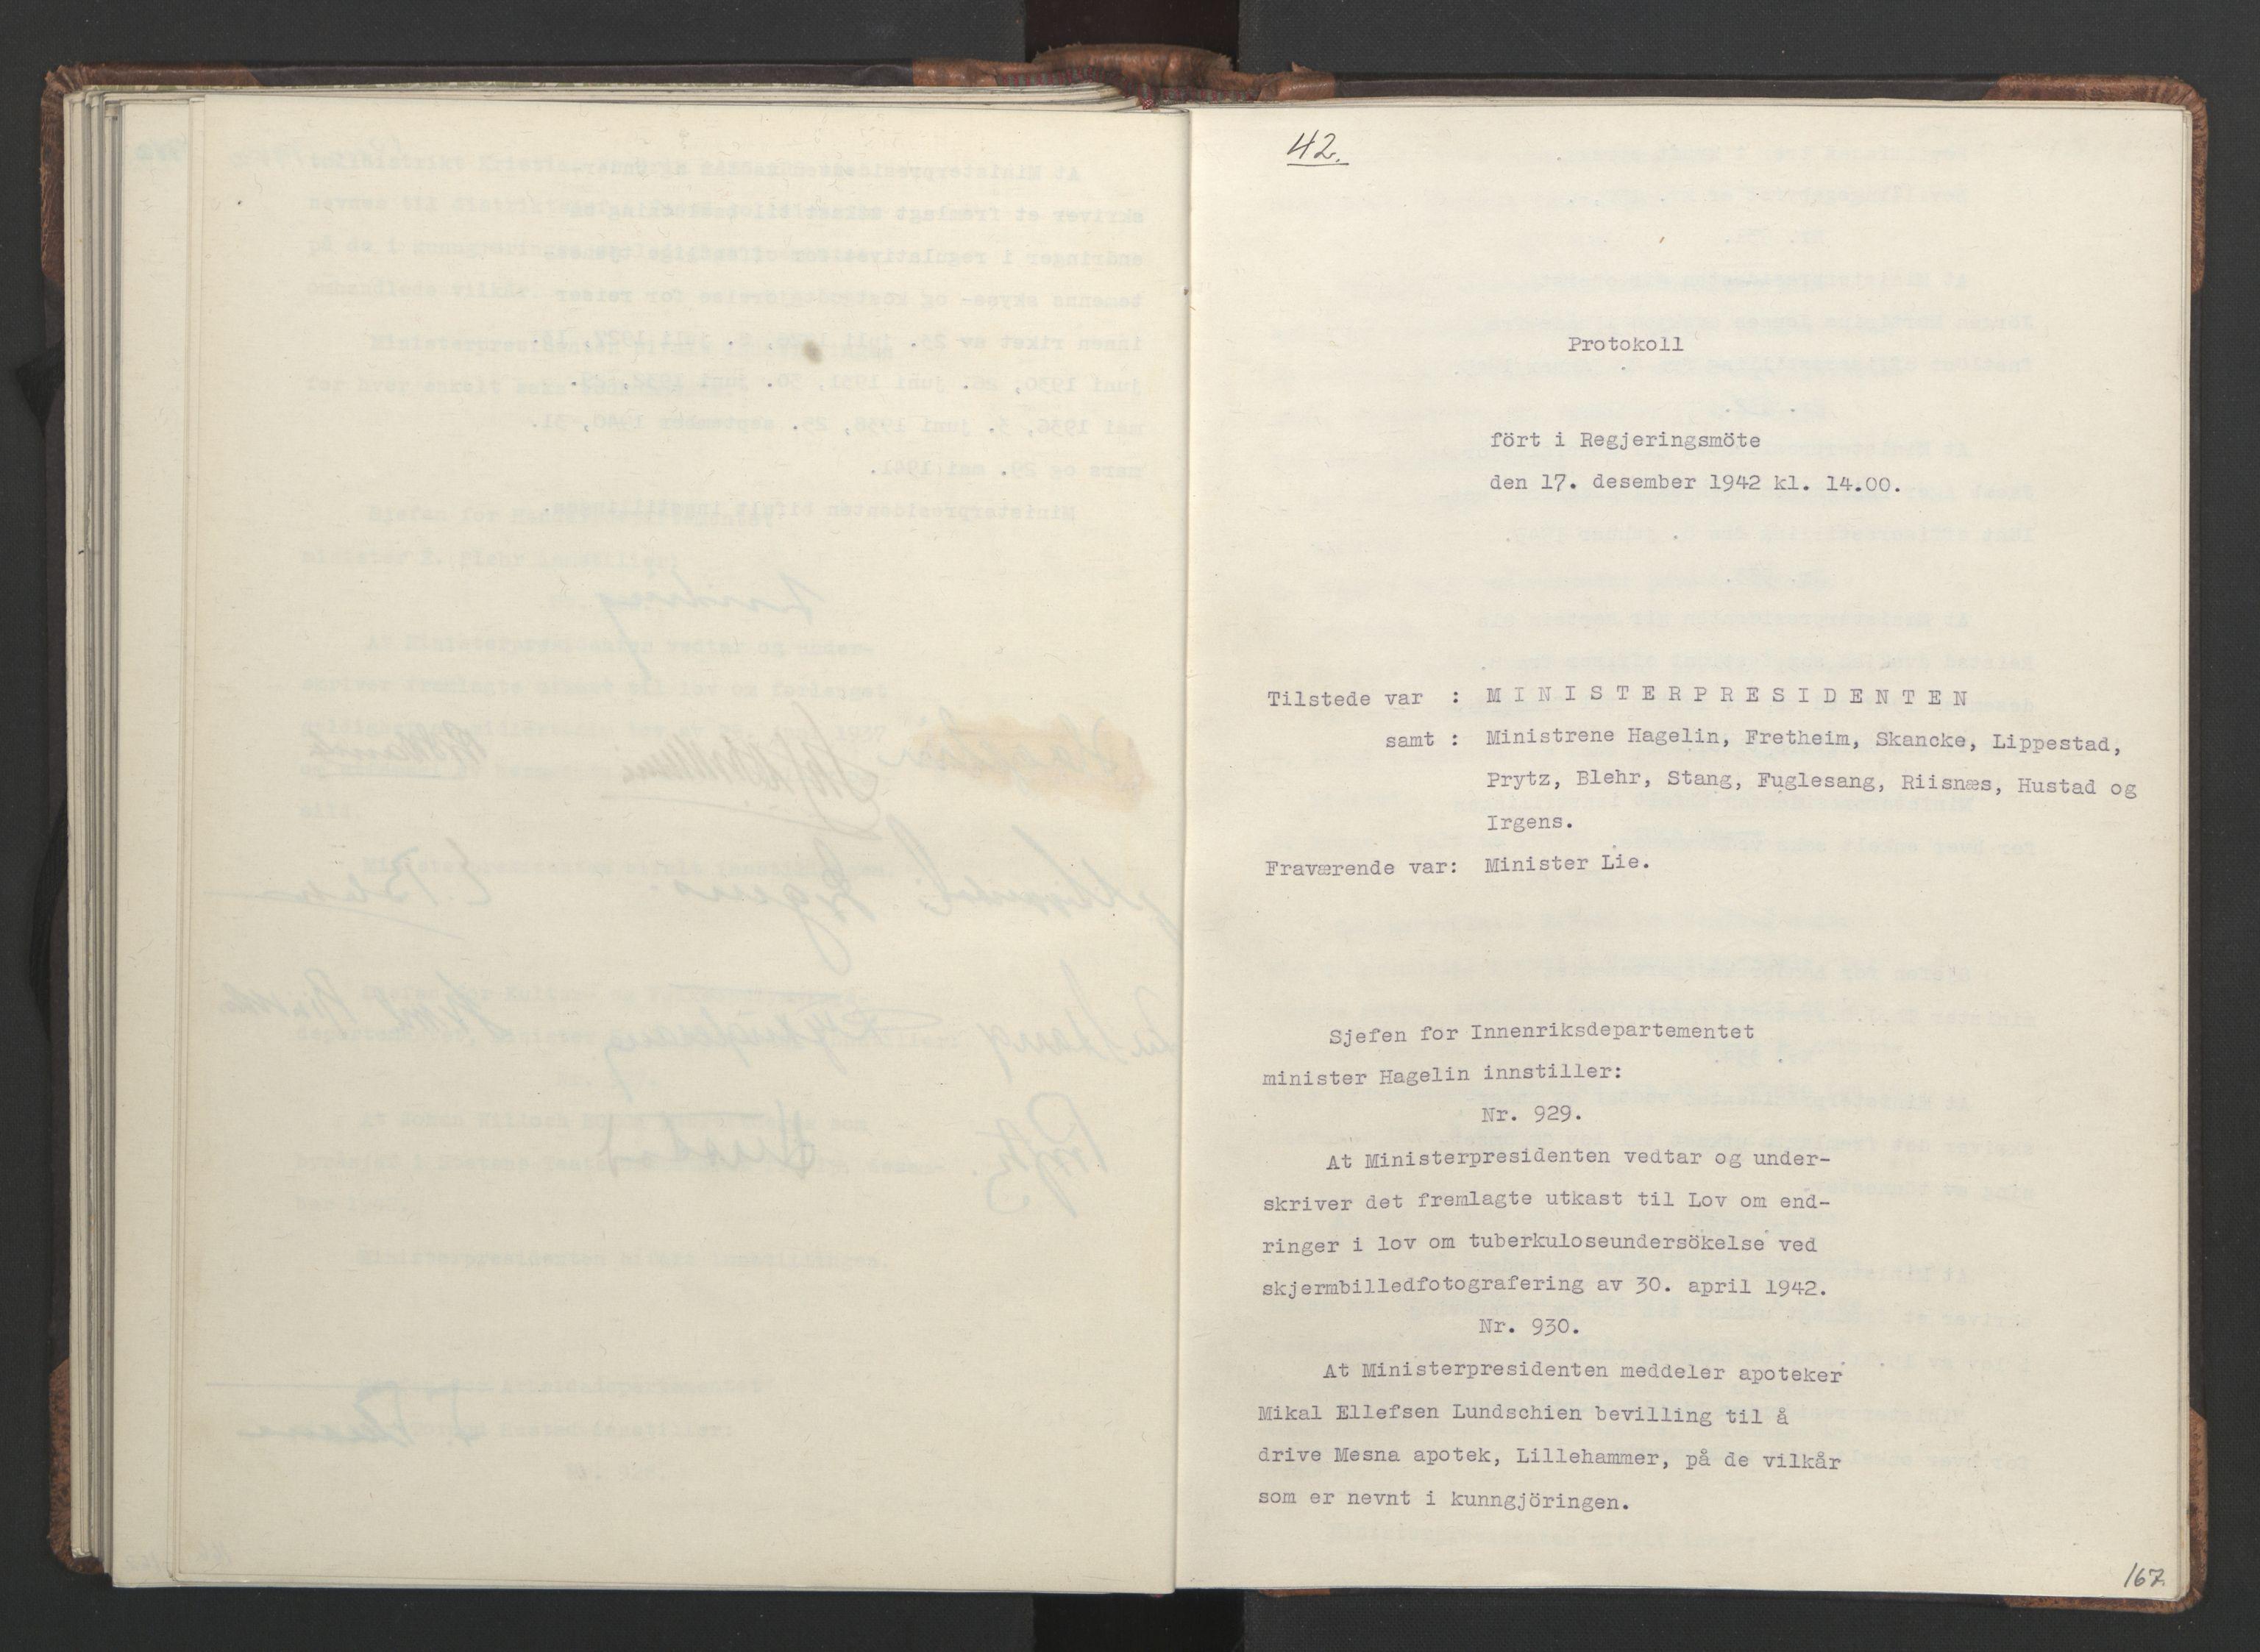 RA, NS-administrasjonen 1940-1945 (Statsrådsekretariatet, de kommisariske statsråder mm), D/Da/L0001: Beslutninger og tillegg (1-952 og 1-32), 1942, s. 166b-167a